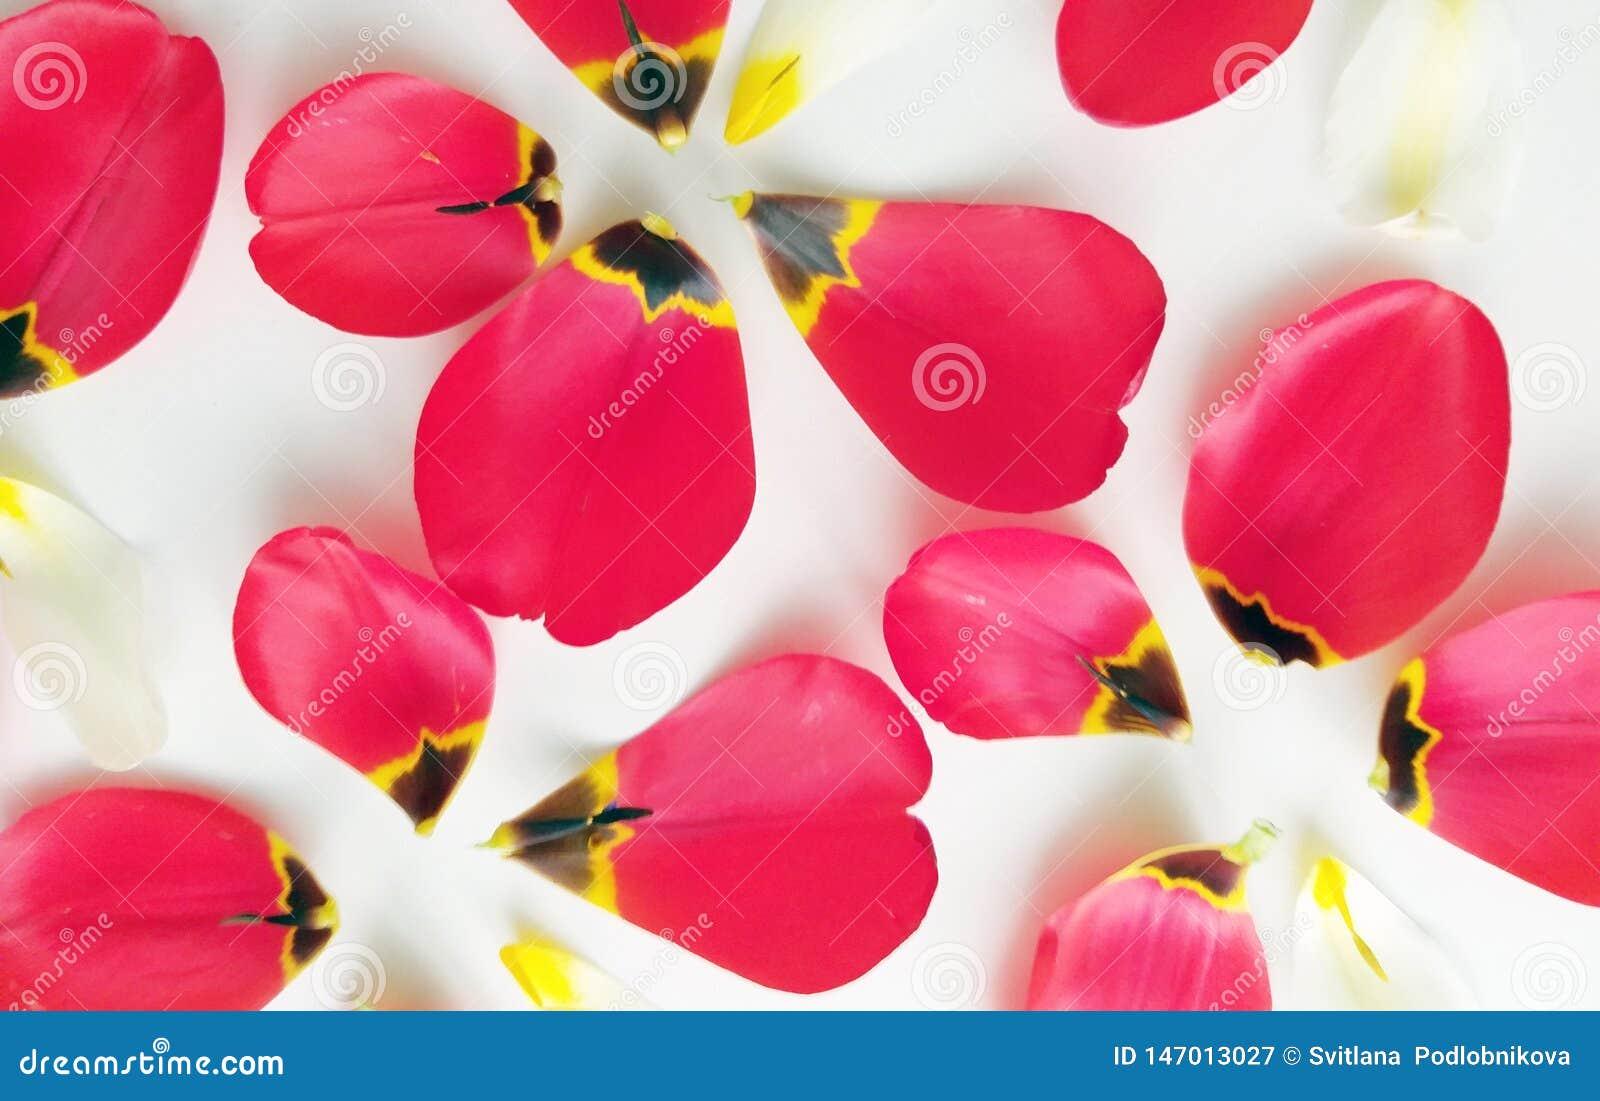 与郁金香的瓣的花背景